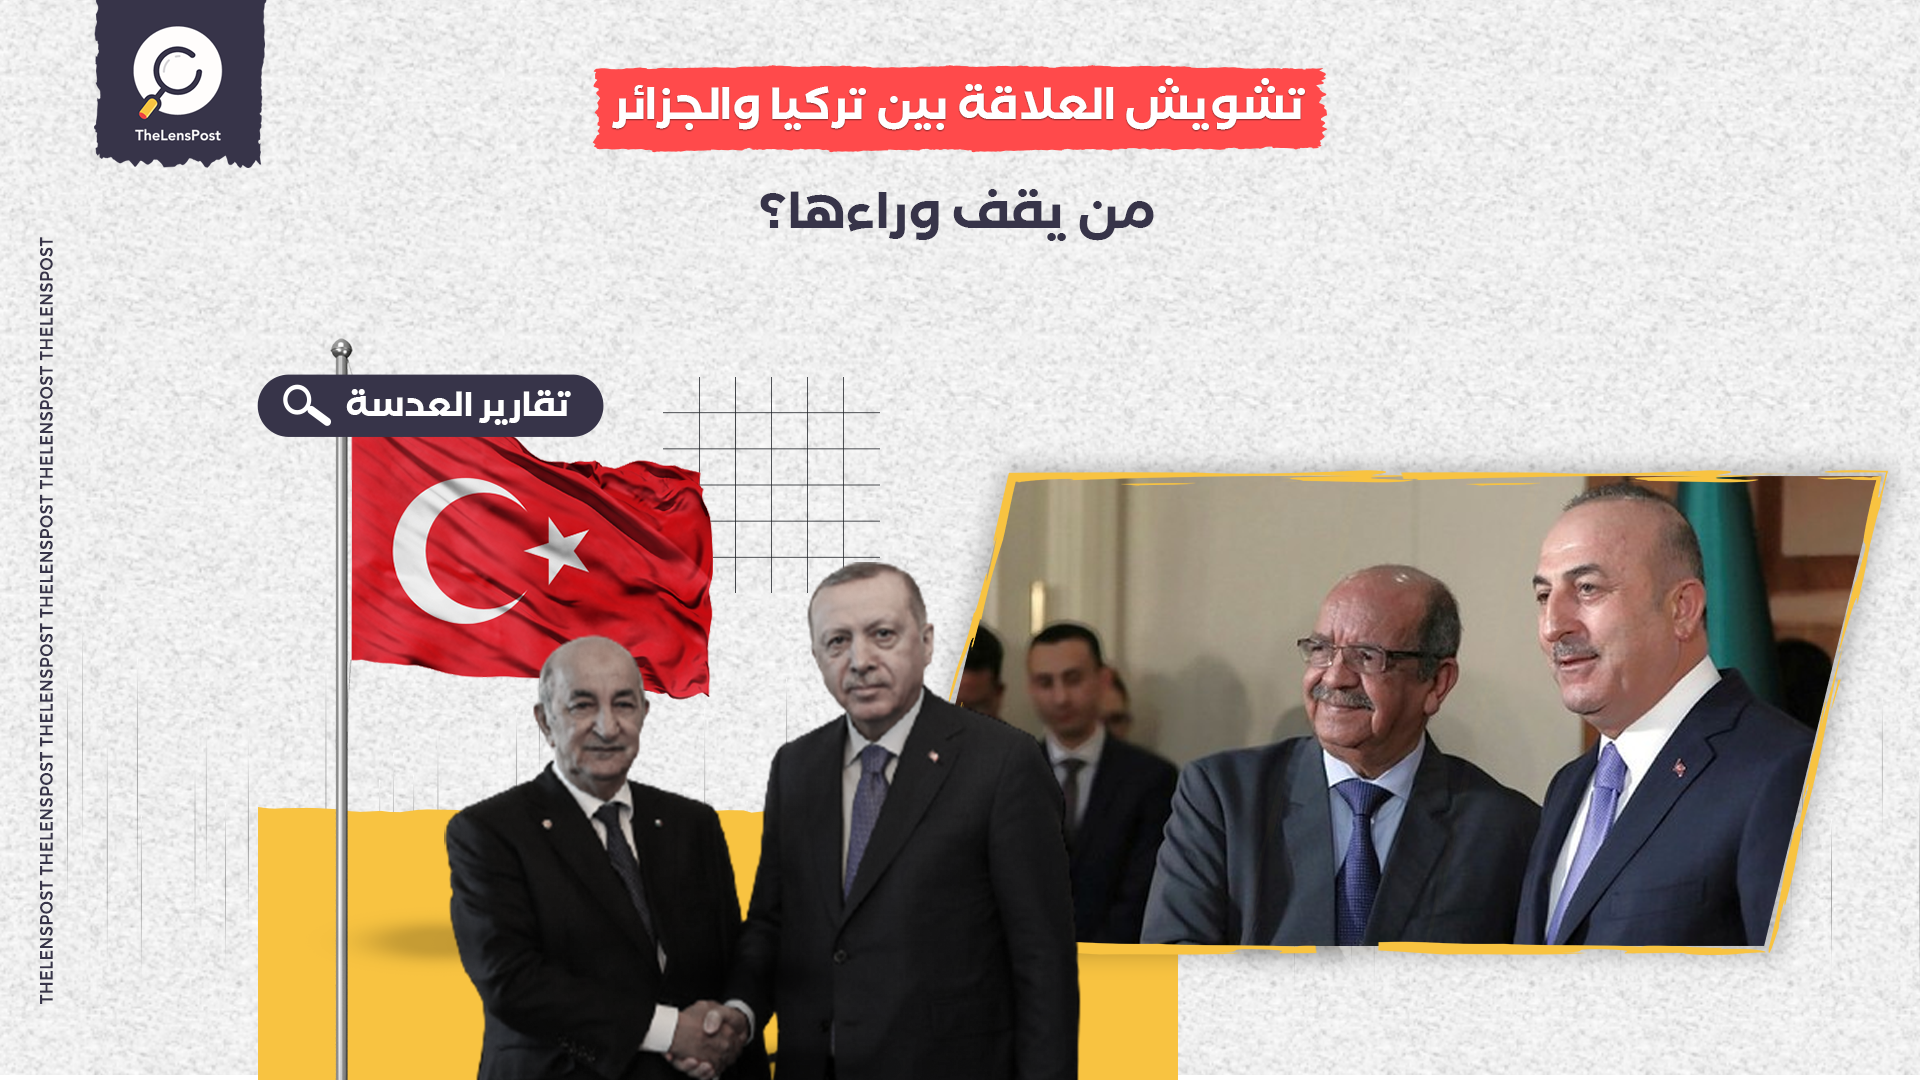 محاولات لتشويش العلاقة بين تركيا والجزائر.. من يقف وراءها؟